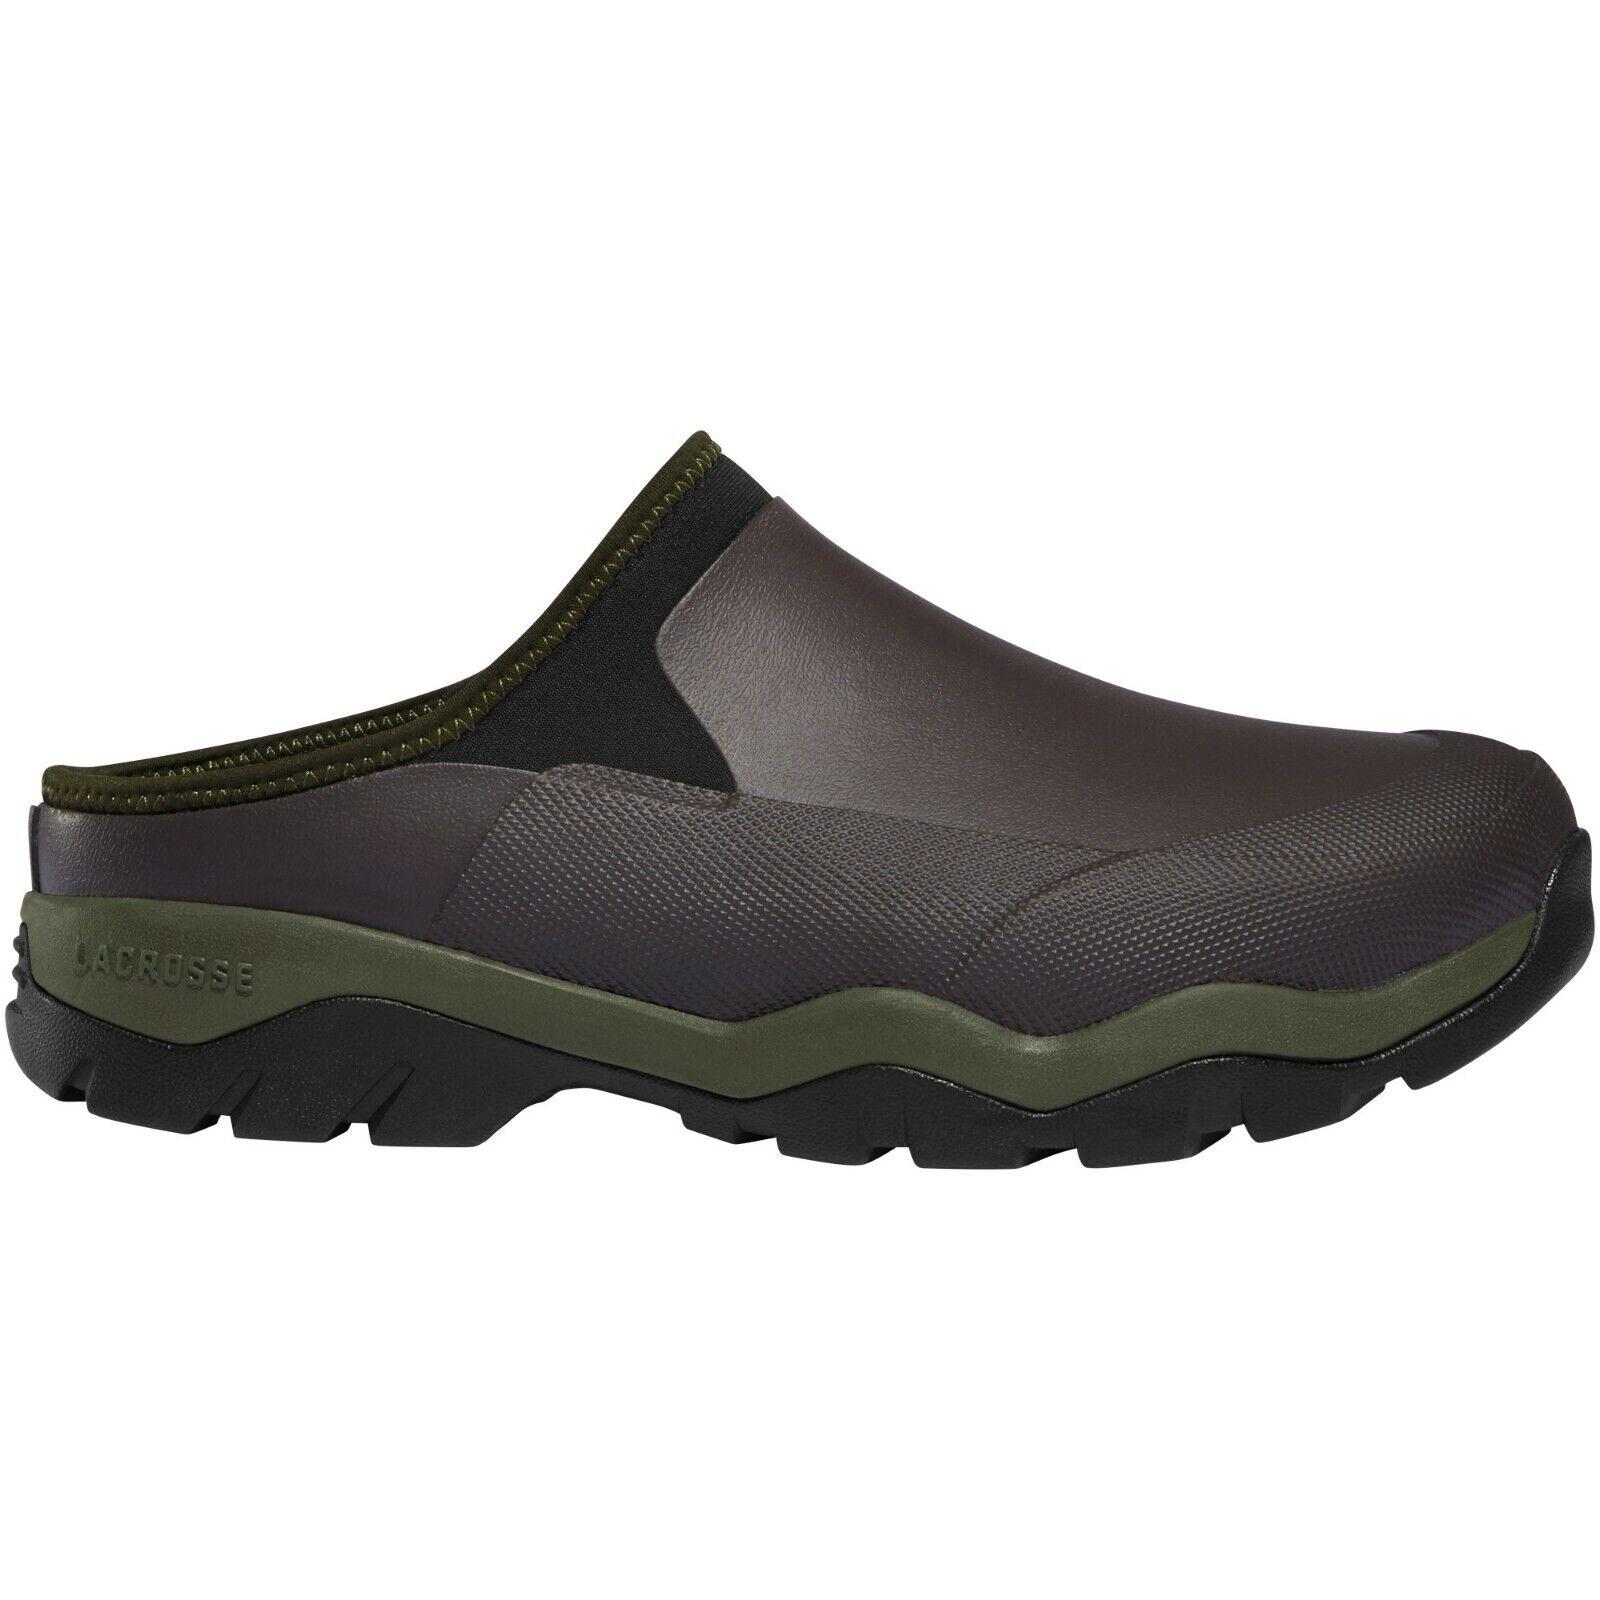 Homme Lacrosse 612421 1  Alpha Muddy mule marron vert bottes chaussures de marche